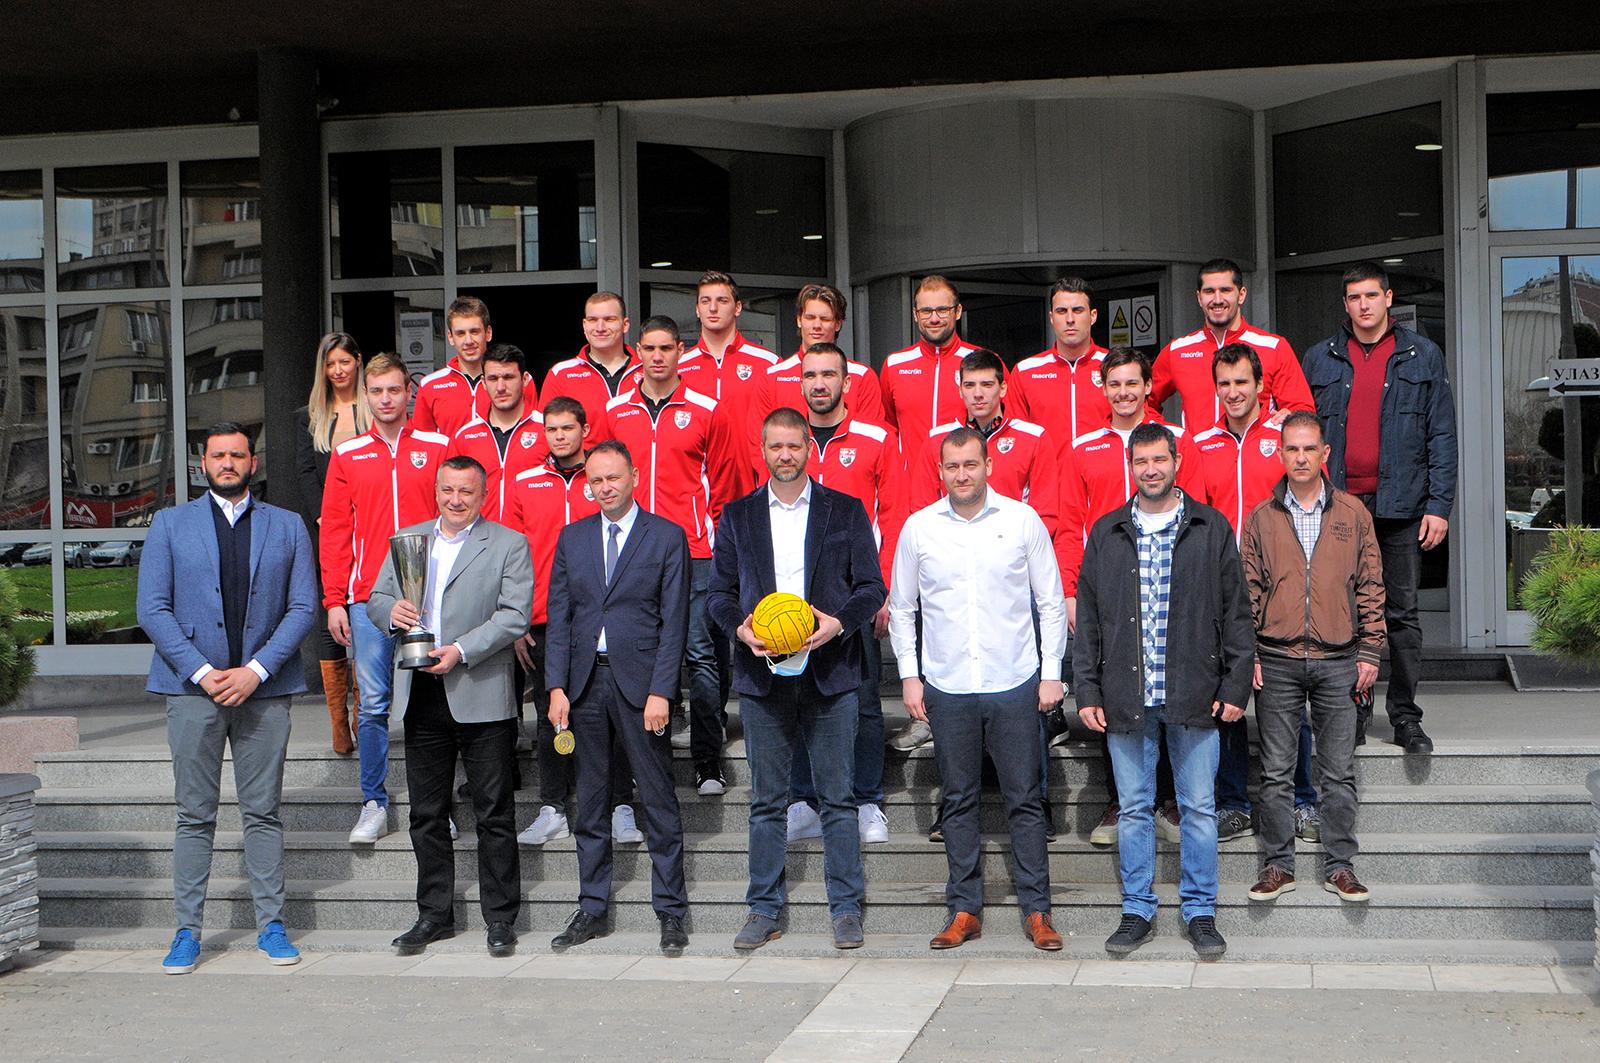 Gradonačelnik Kragujevca primio vaterpolo šampione Jadranske lige